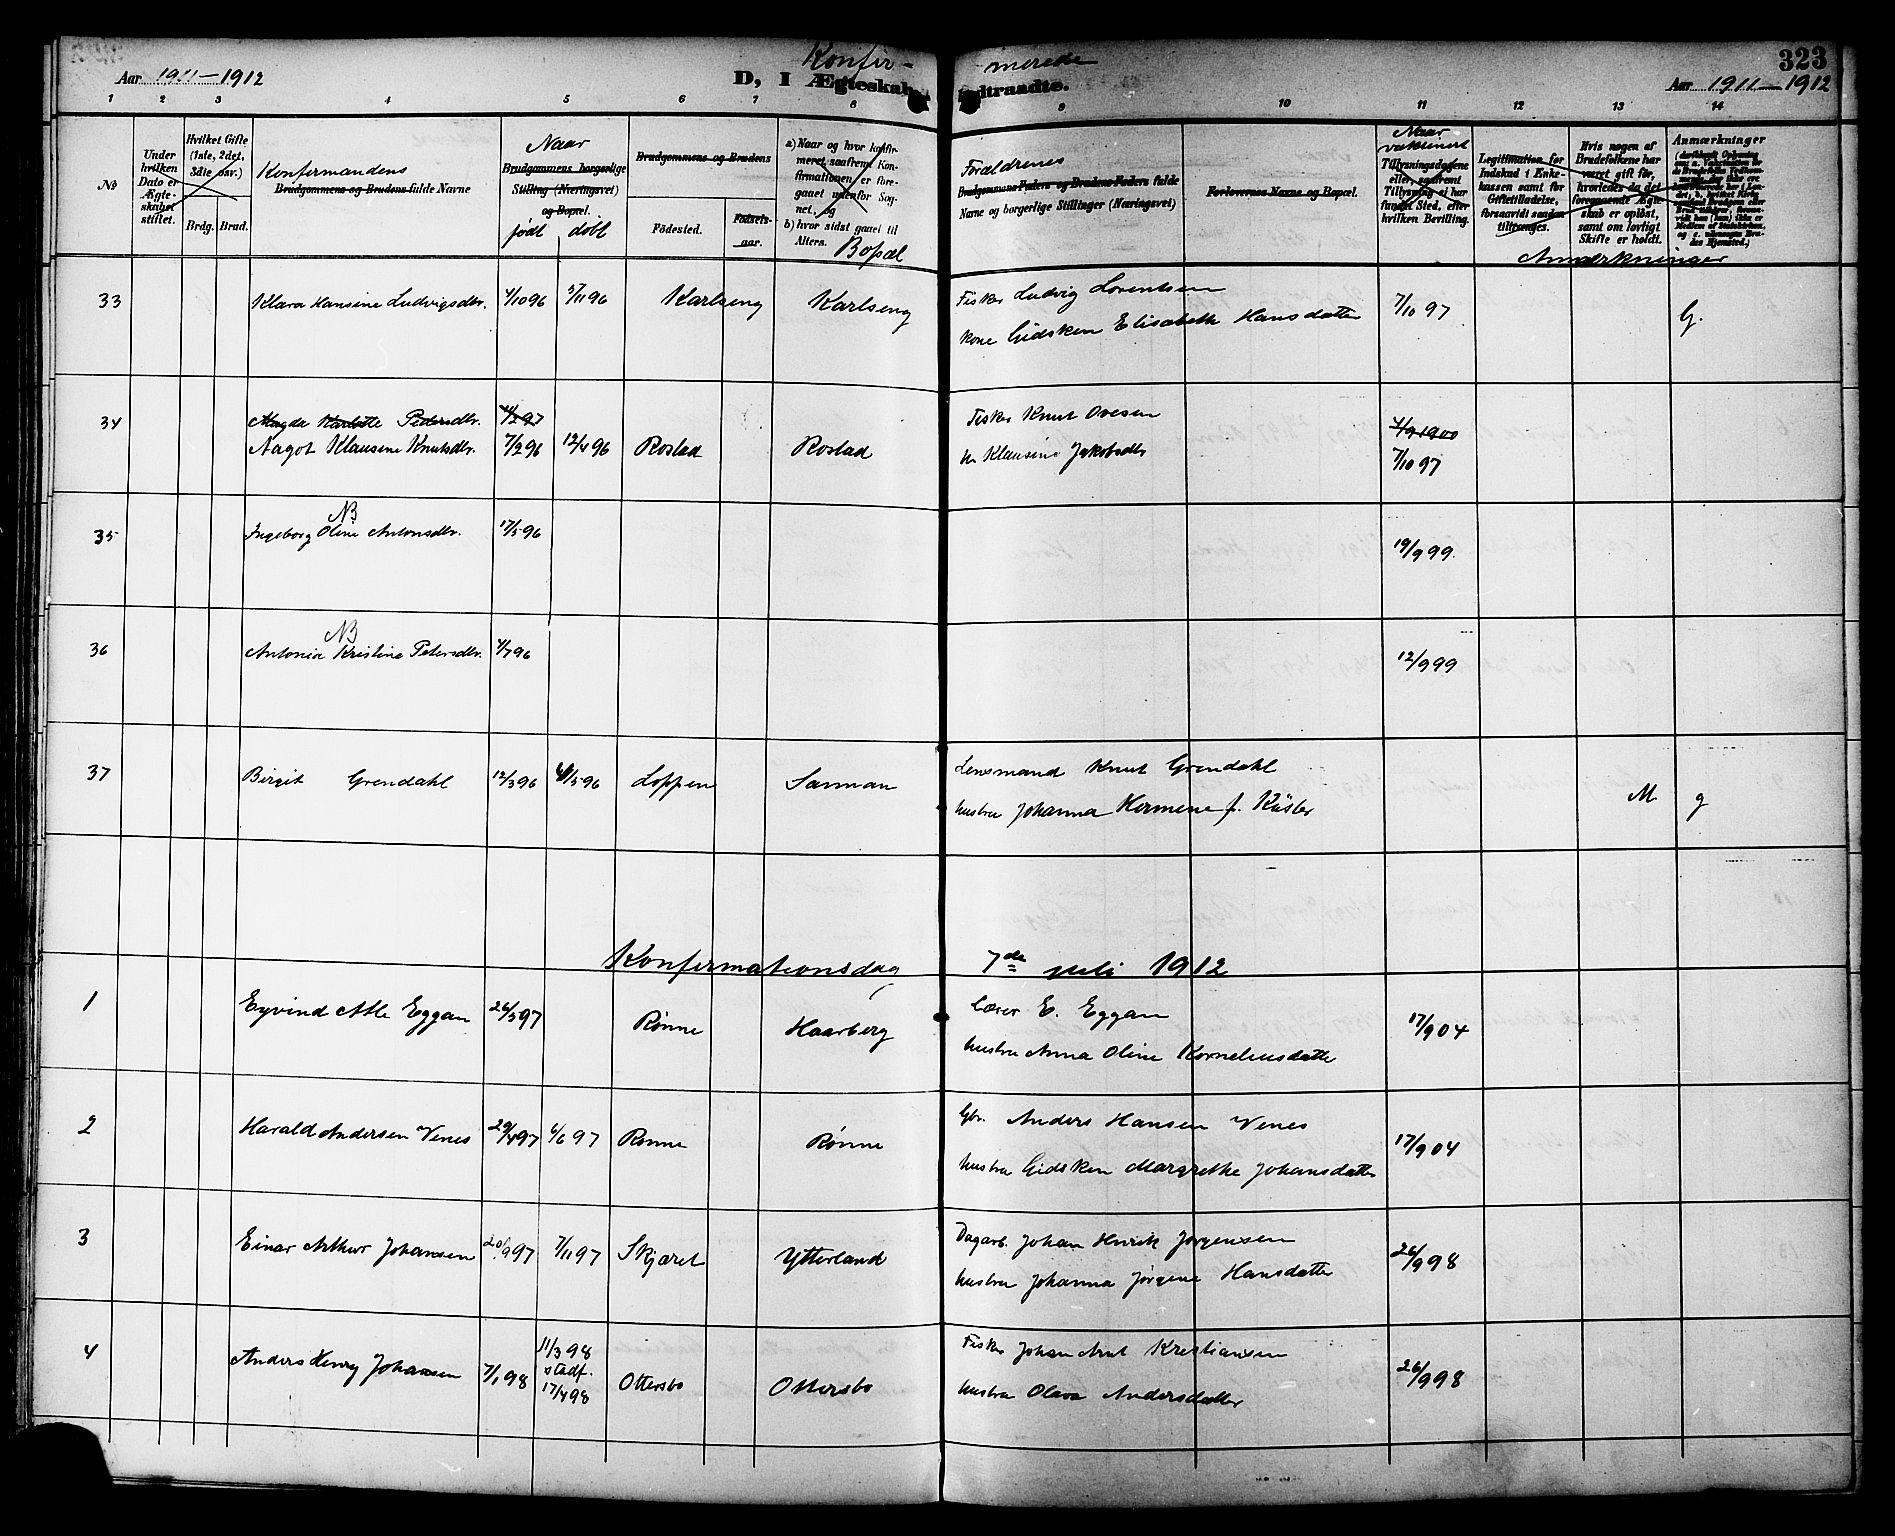 SAT, Ministerialprotokoller, klokkerbøker og fødselsregistre - Sør-Trøndelag, 659/L0746: Klokkerbok nr. 659C03, 1893-1912, s. 323